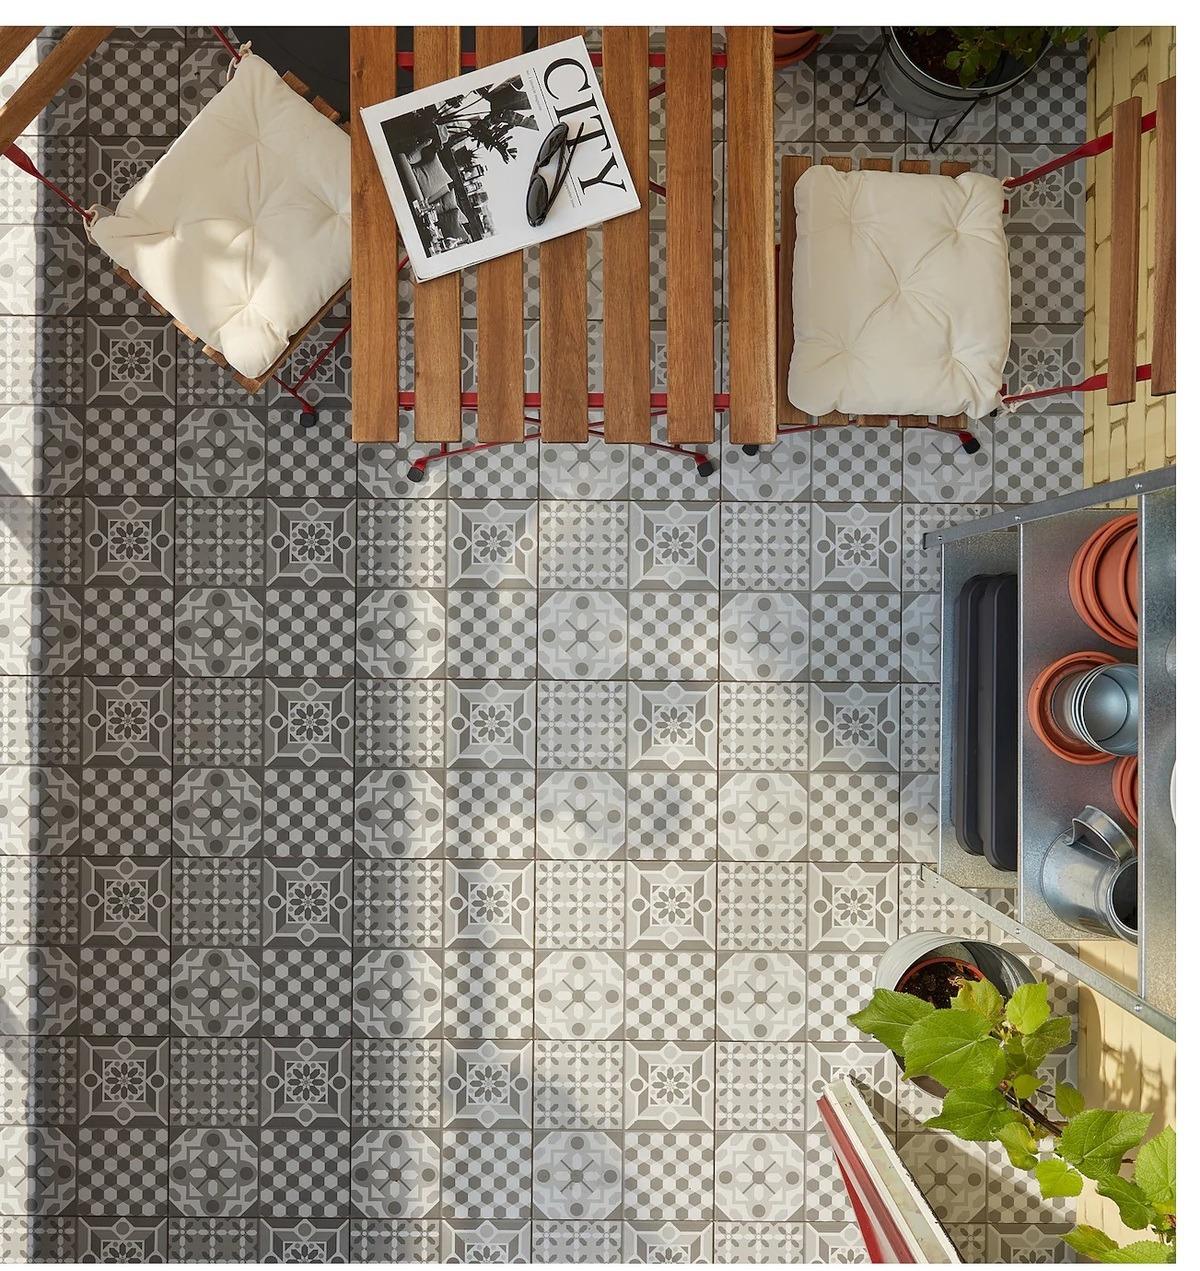 Catalogo parquet IKEA Enero 2021 FOTOS suelo mallsten detalle estampado 1